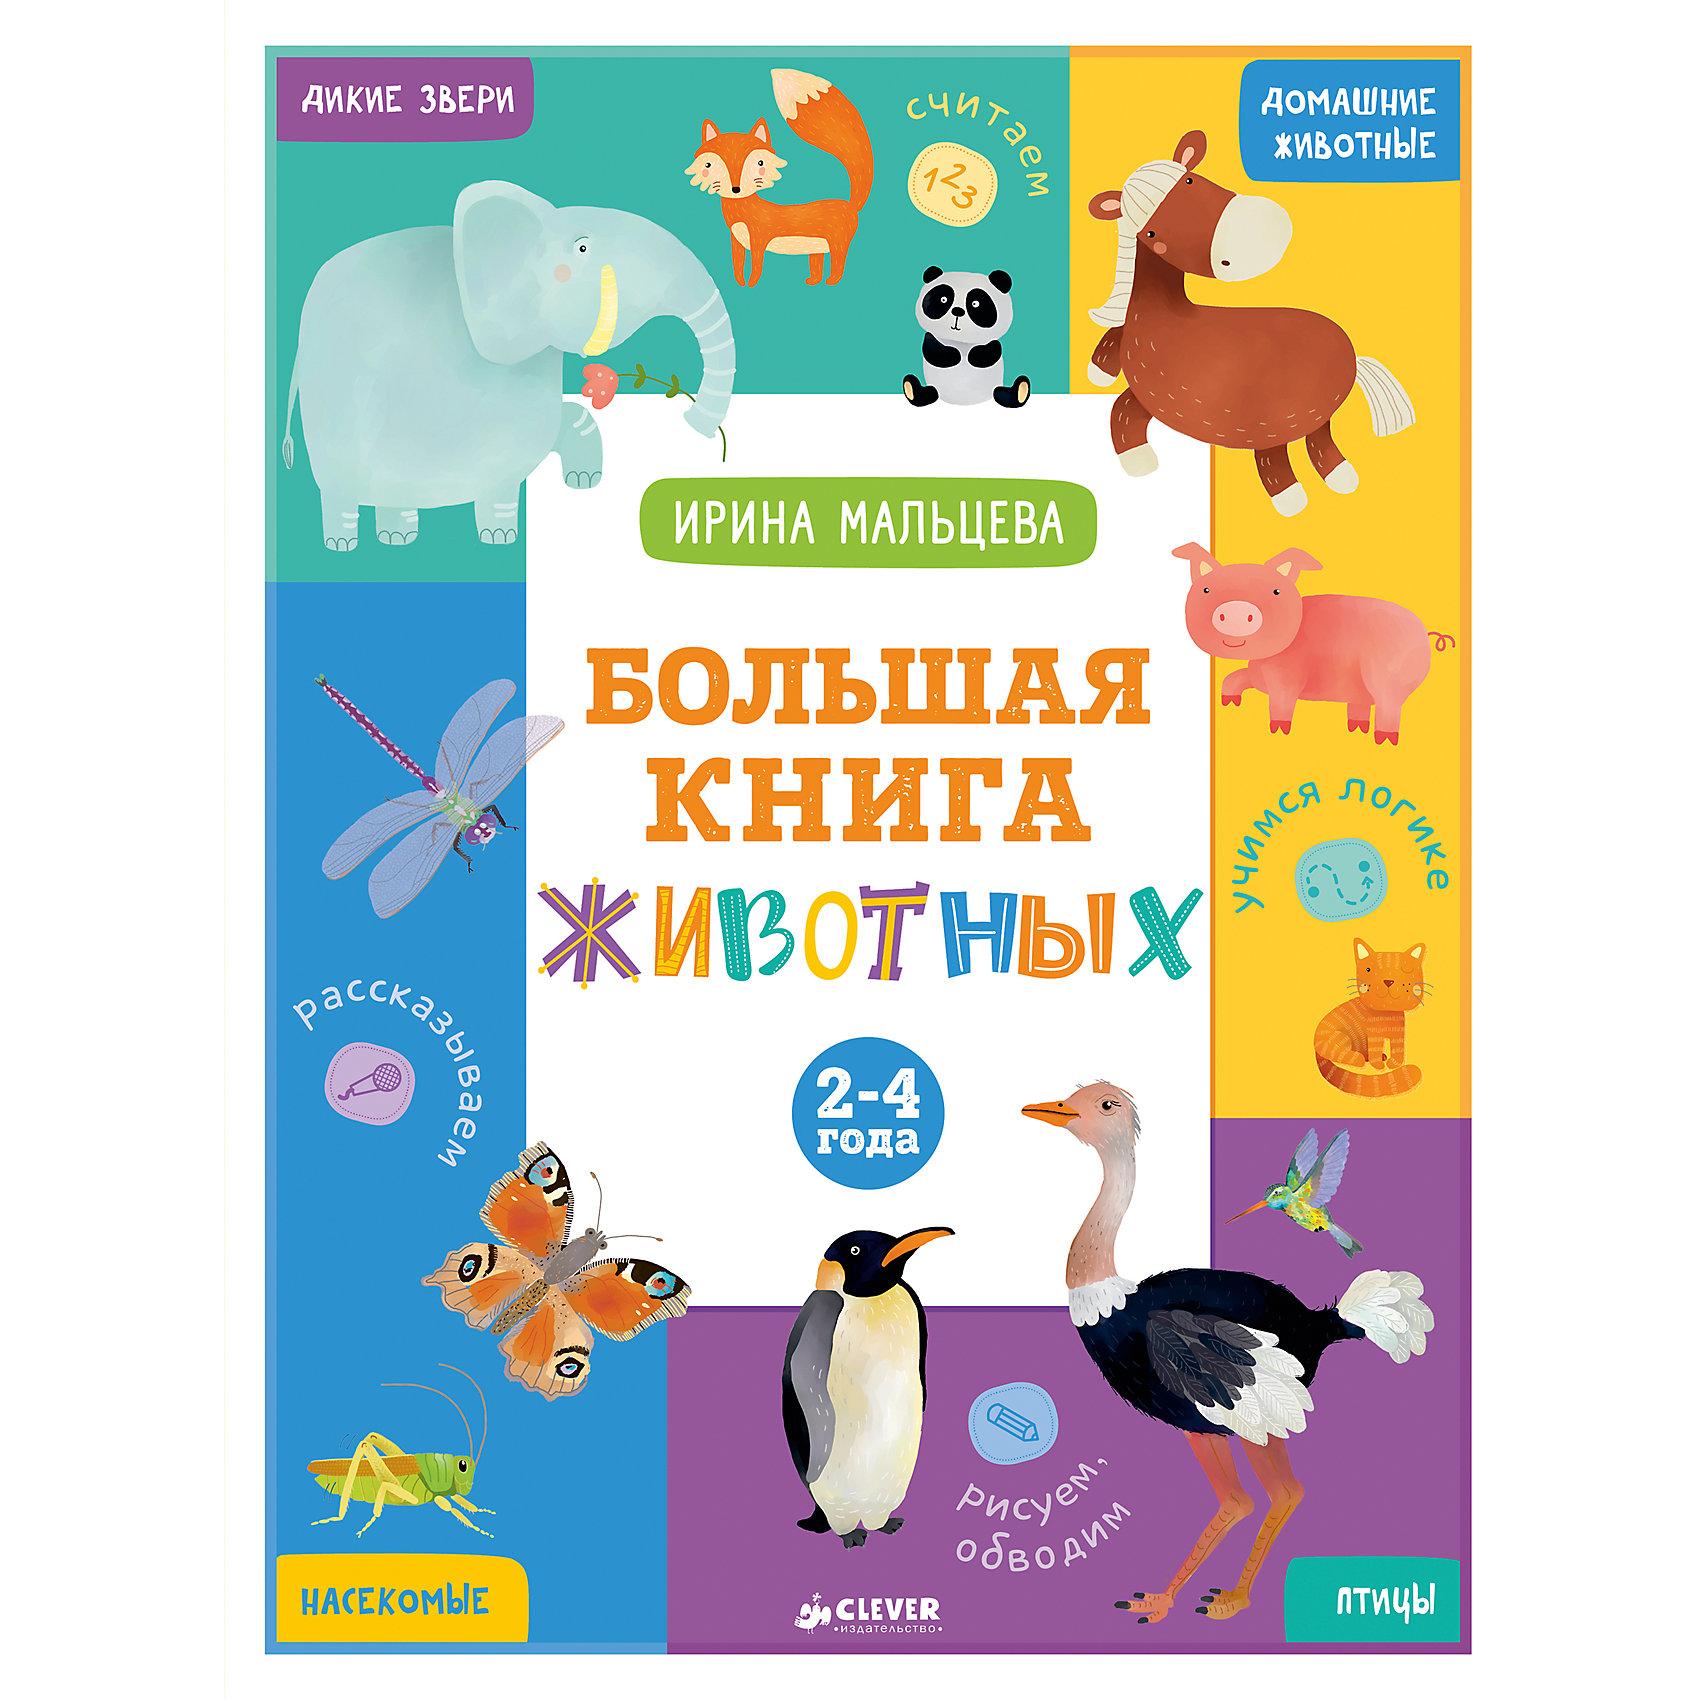 Большая книга животных (2-4 года), И. МальцеваБольшая книга животных (2-4 года), И. /Мальцева<br><br>Характеристики:<br><br>• ISBN: 978-5-906899-65-1<br>• Кол-во страниц: 128<br>• Возраст: 2-4 года<br>• Формат: а4<br>• Размер книги: 284x212x10 мм<br>• Бумага: офсет<br>• Вес: 350 г<br>• Обложка: мягкая<br><br>Ирина Владимировна Мальцева - опытный действующий педагог-психолог, методист, разработчик образовательных программ и автор более сотни книг, в том числе популярной методики Компакт-технологии. Теперь данная методика доступна и для работы с самыми маленькими детьми! Для того, чтобы ваш ребенок стал успешным и хорошо учился в школе его важно научить мыслить логически. Тогда ребенок сможет понять, как устроен этот мир и научится выражать свои мысли, чувства и желания. «Большая книга животных» - это удивительная книга, которая сможет научить вашего малыша логике, связной речи, а заодно буквам и цветам.<br><br>Большая книга животных (2-4 года), И. /Мальцева можно купить в нашем интернет-магазине.<br><br>Ширина мм: 290<br>Глубина мм: 212<br>Высота мм: 8<br>Вес г: 350<br>Возраст от месяцев: 48<br>Возраст до месяцев: 72<br>Пол: Унисекс<br>Возраст: Детский<br>SKU: 5377775